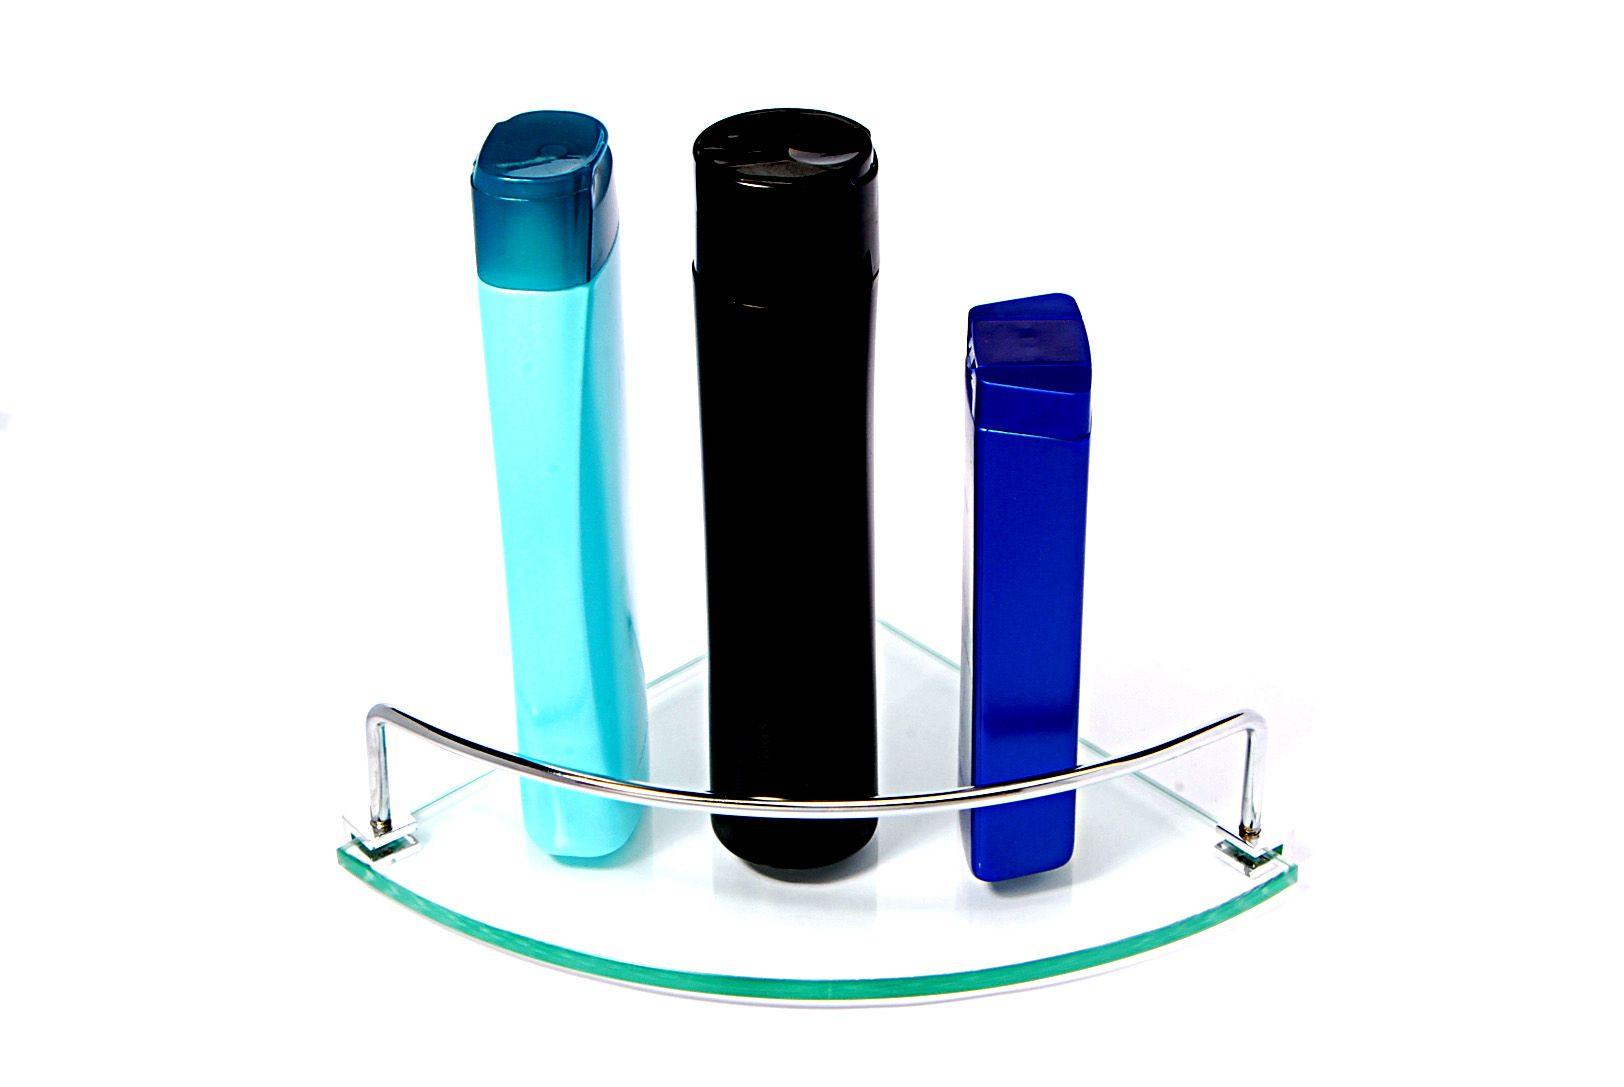 Porta Shampoo Canto Curvo em Vidro Incolor Lapidado - Aquabox  - 20cmx20cmx8mm